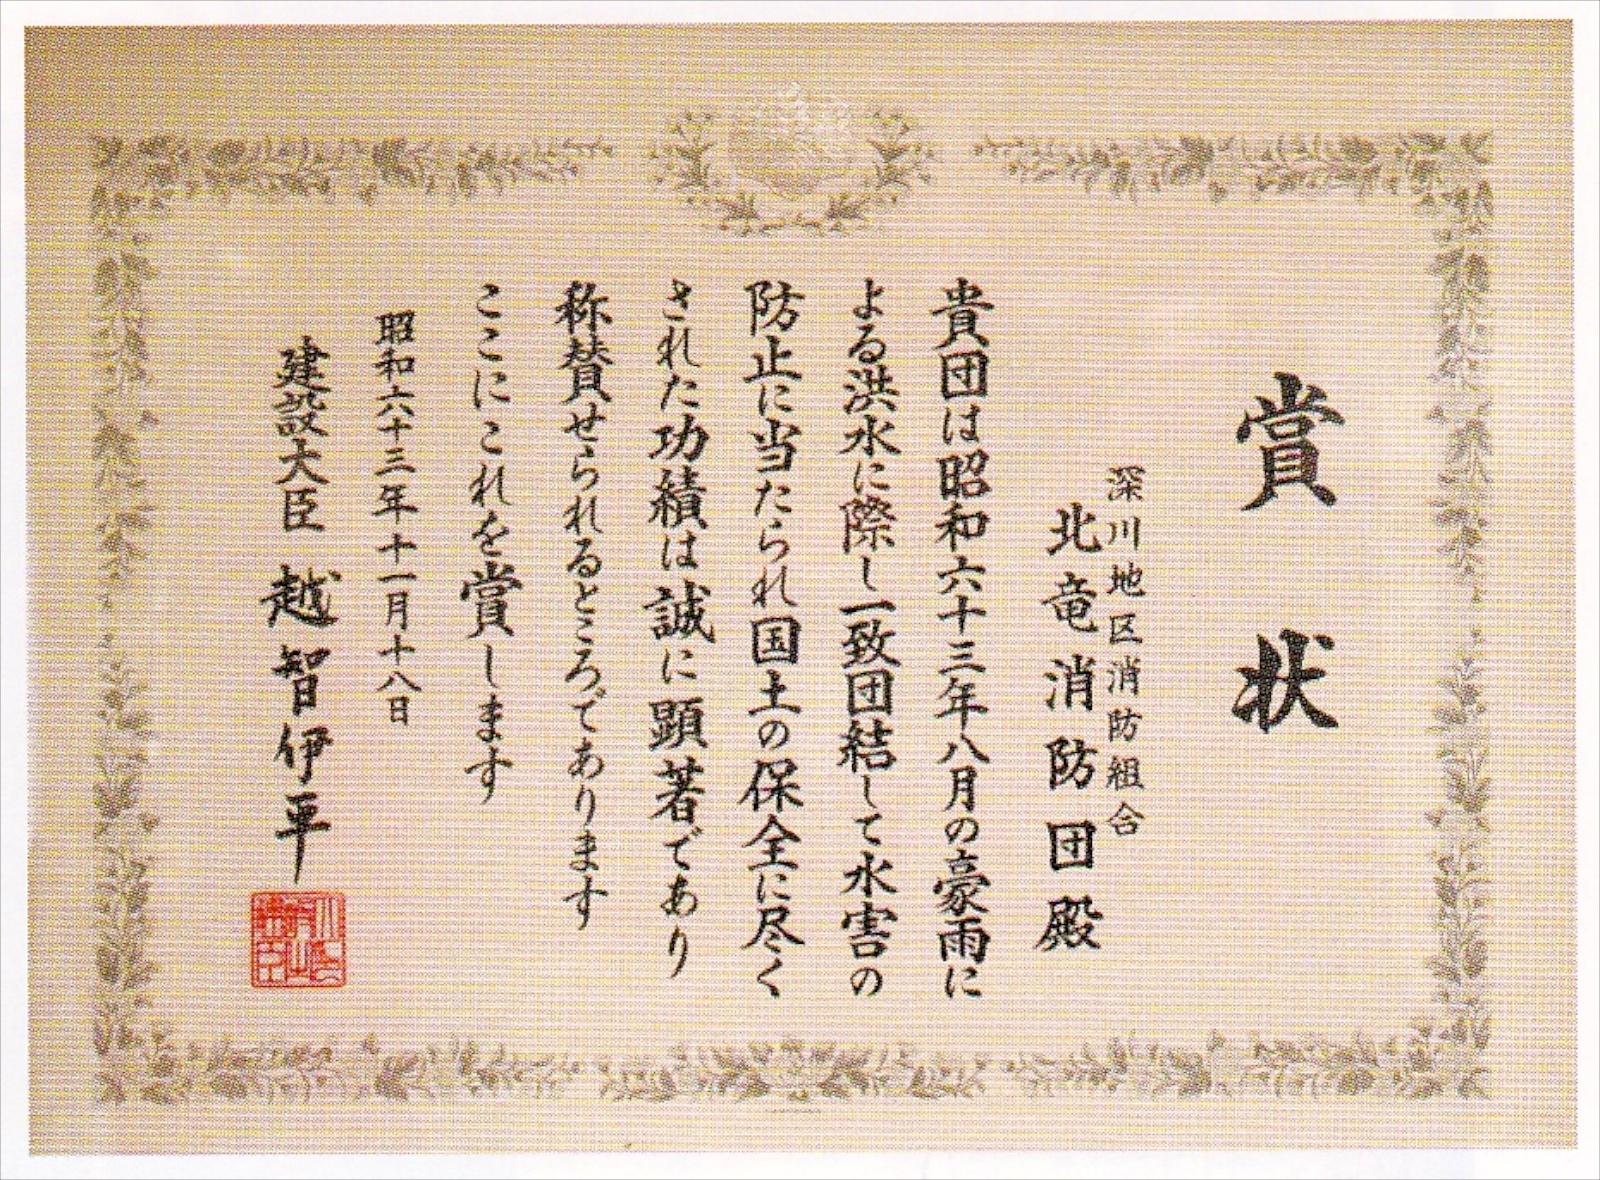 Photo: 水防功労表彰 昭和63年(1988年) 建設大臣賞